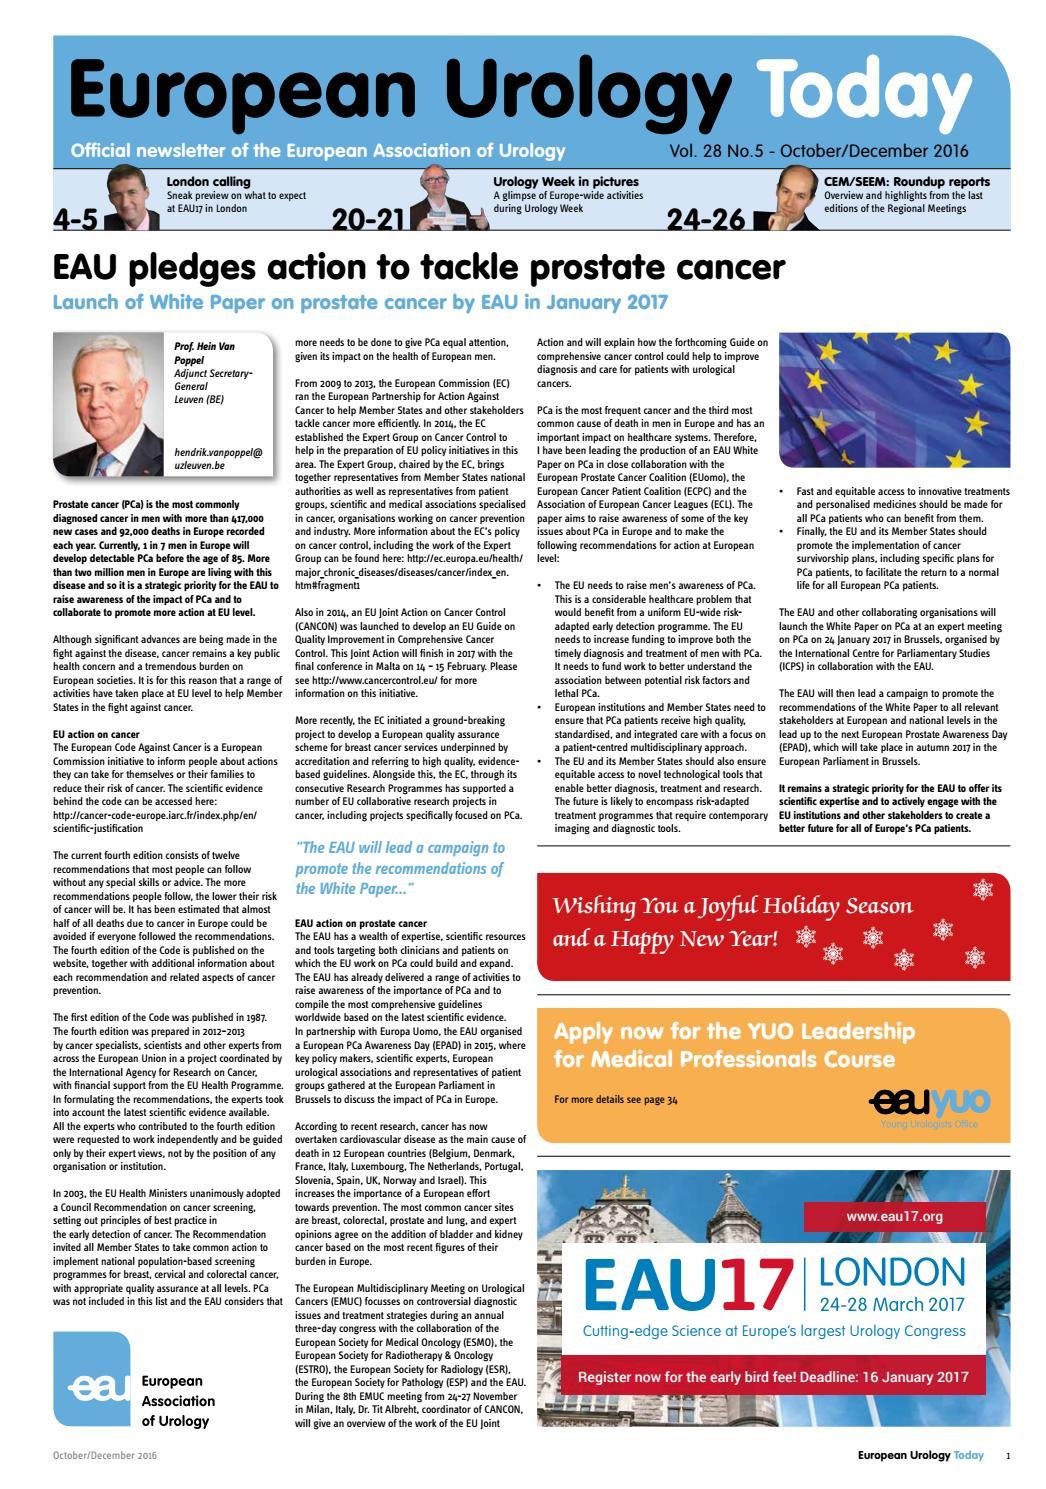 European Urology Today October/December 2016 by European Association of  Urology (EAU) - issuu